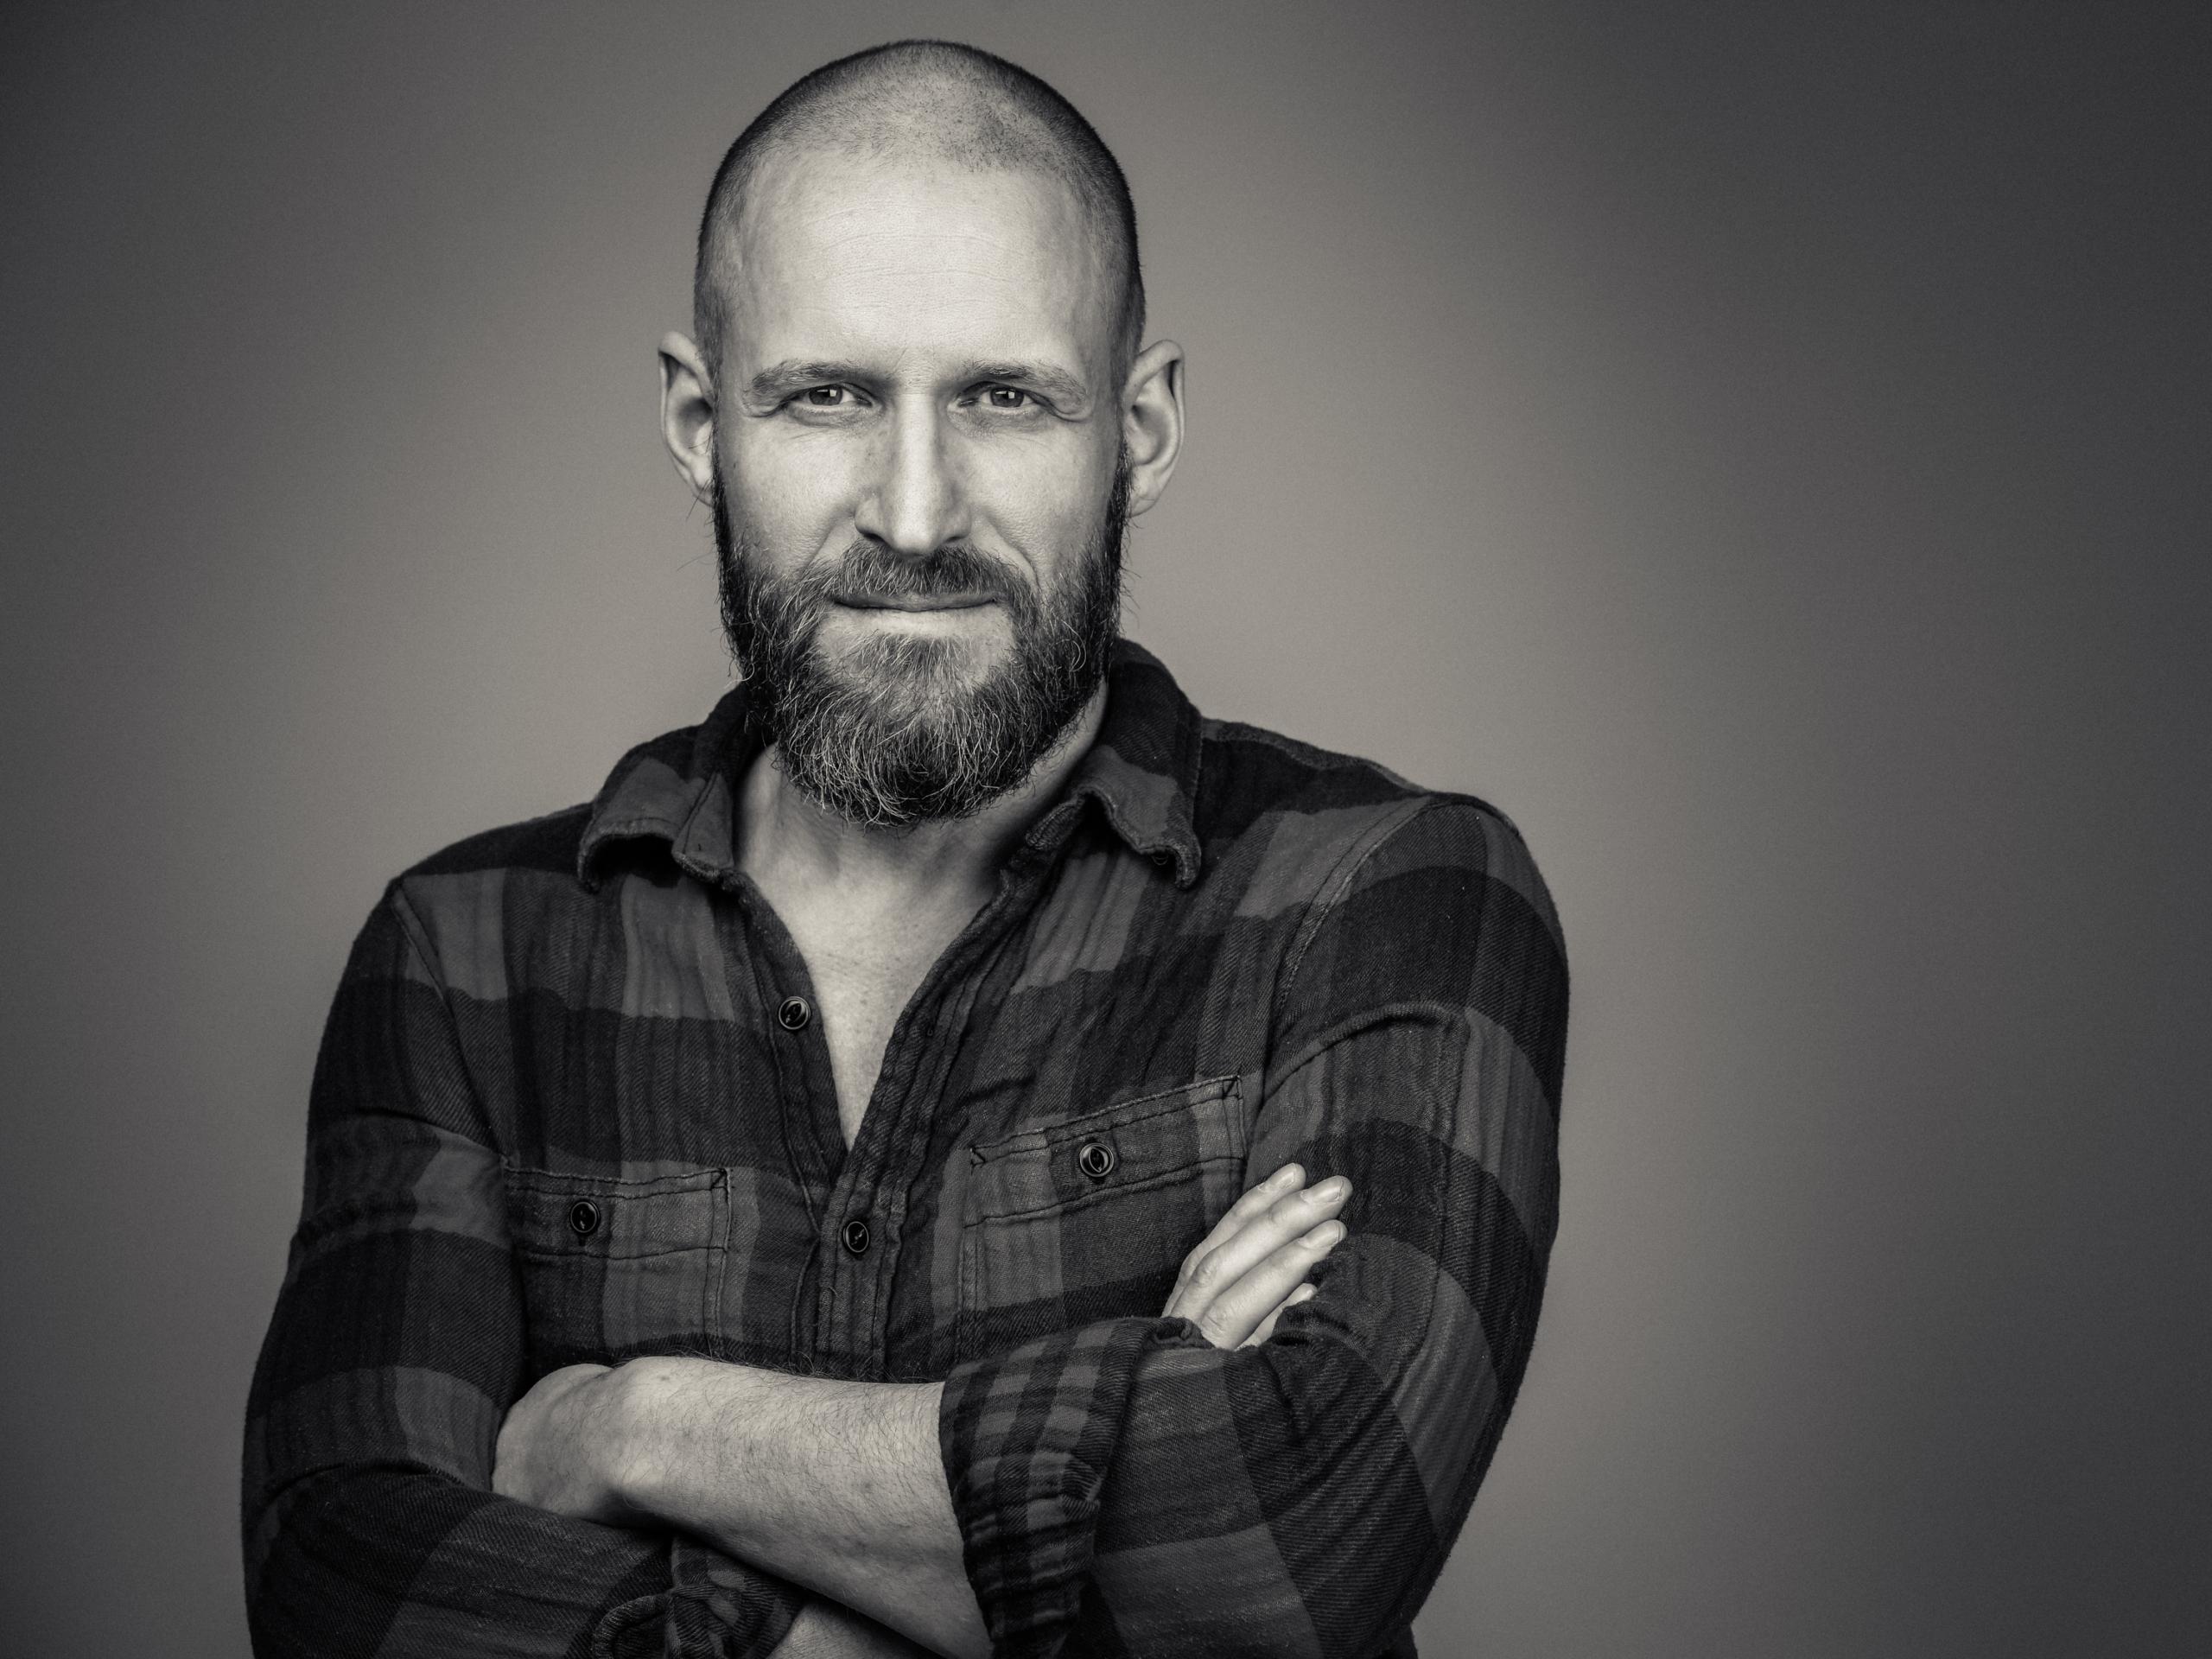 Intervju med Klas Sjöberg på Umegallery